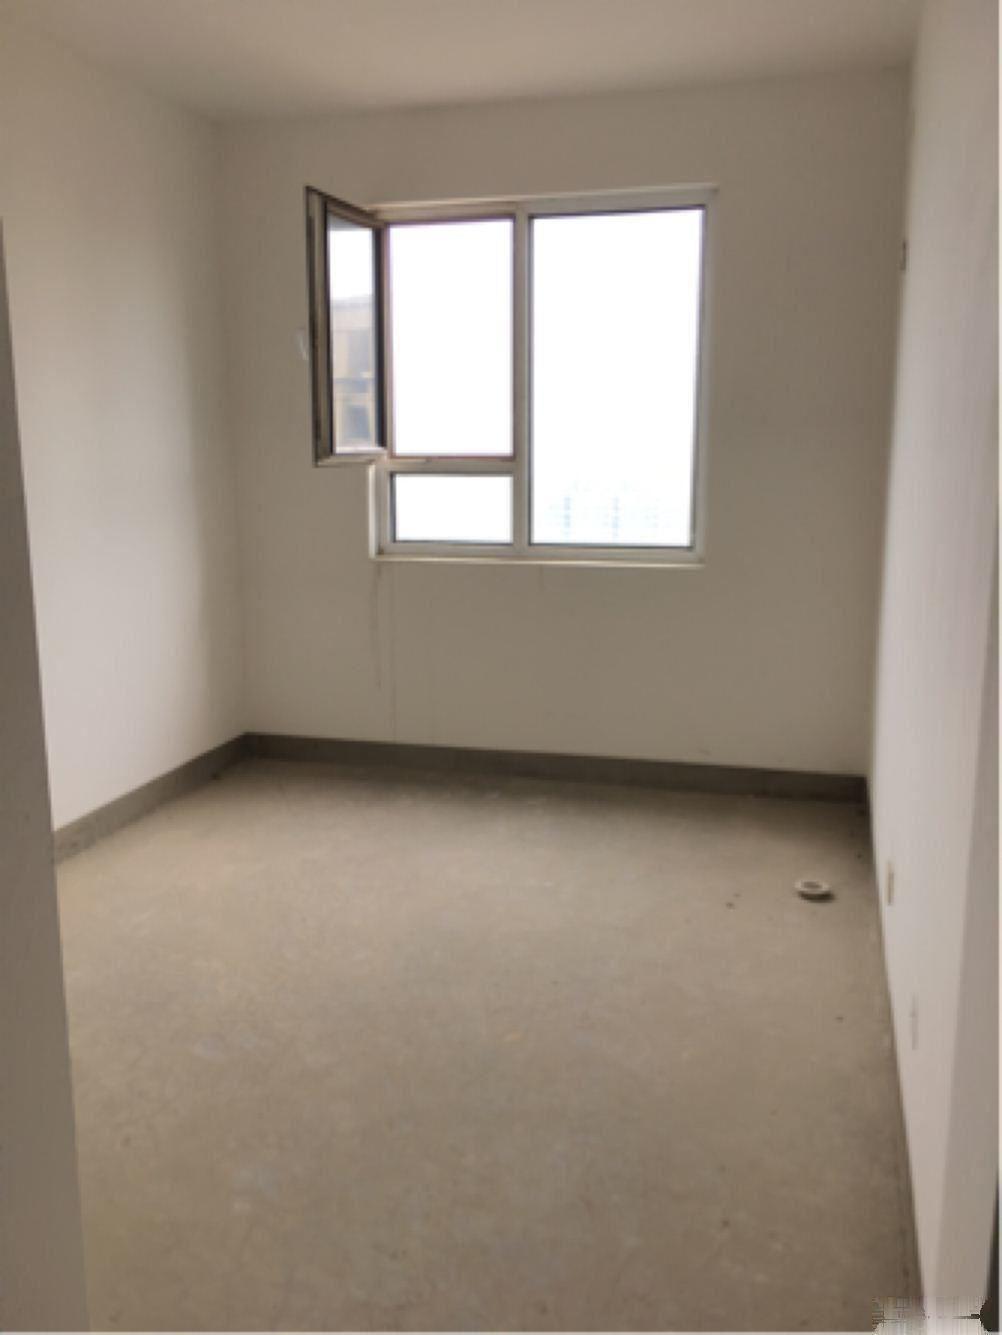 华润橡树湾 141平好楼层149.8万 3室2厅2卫满两